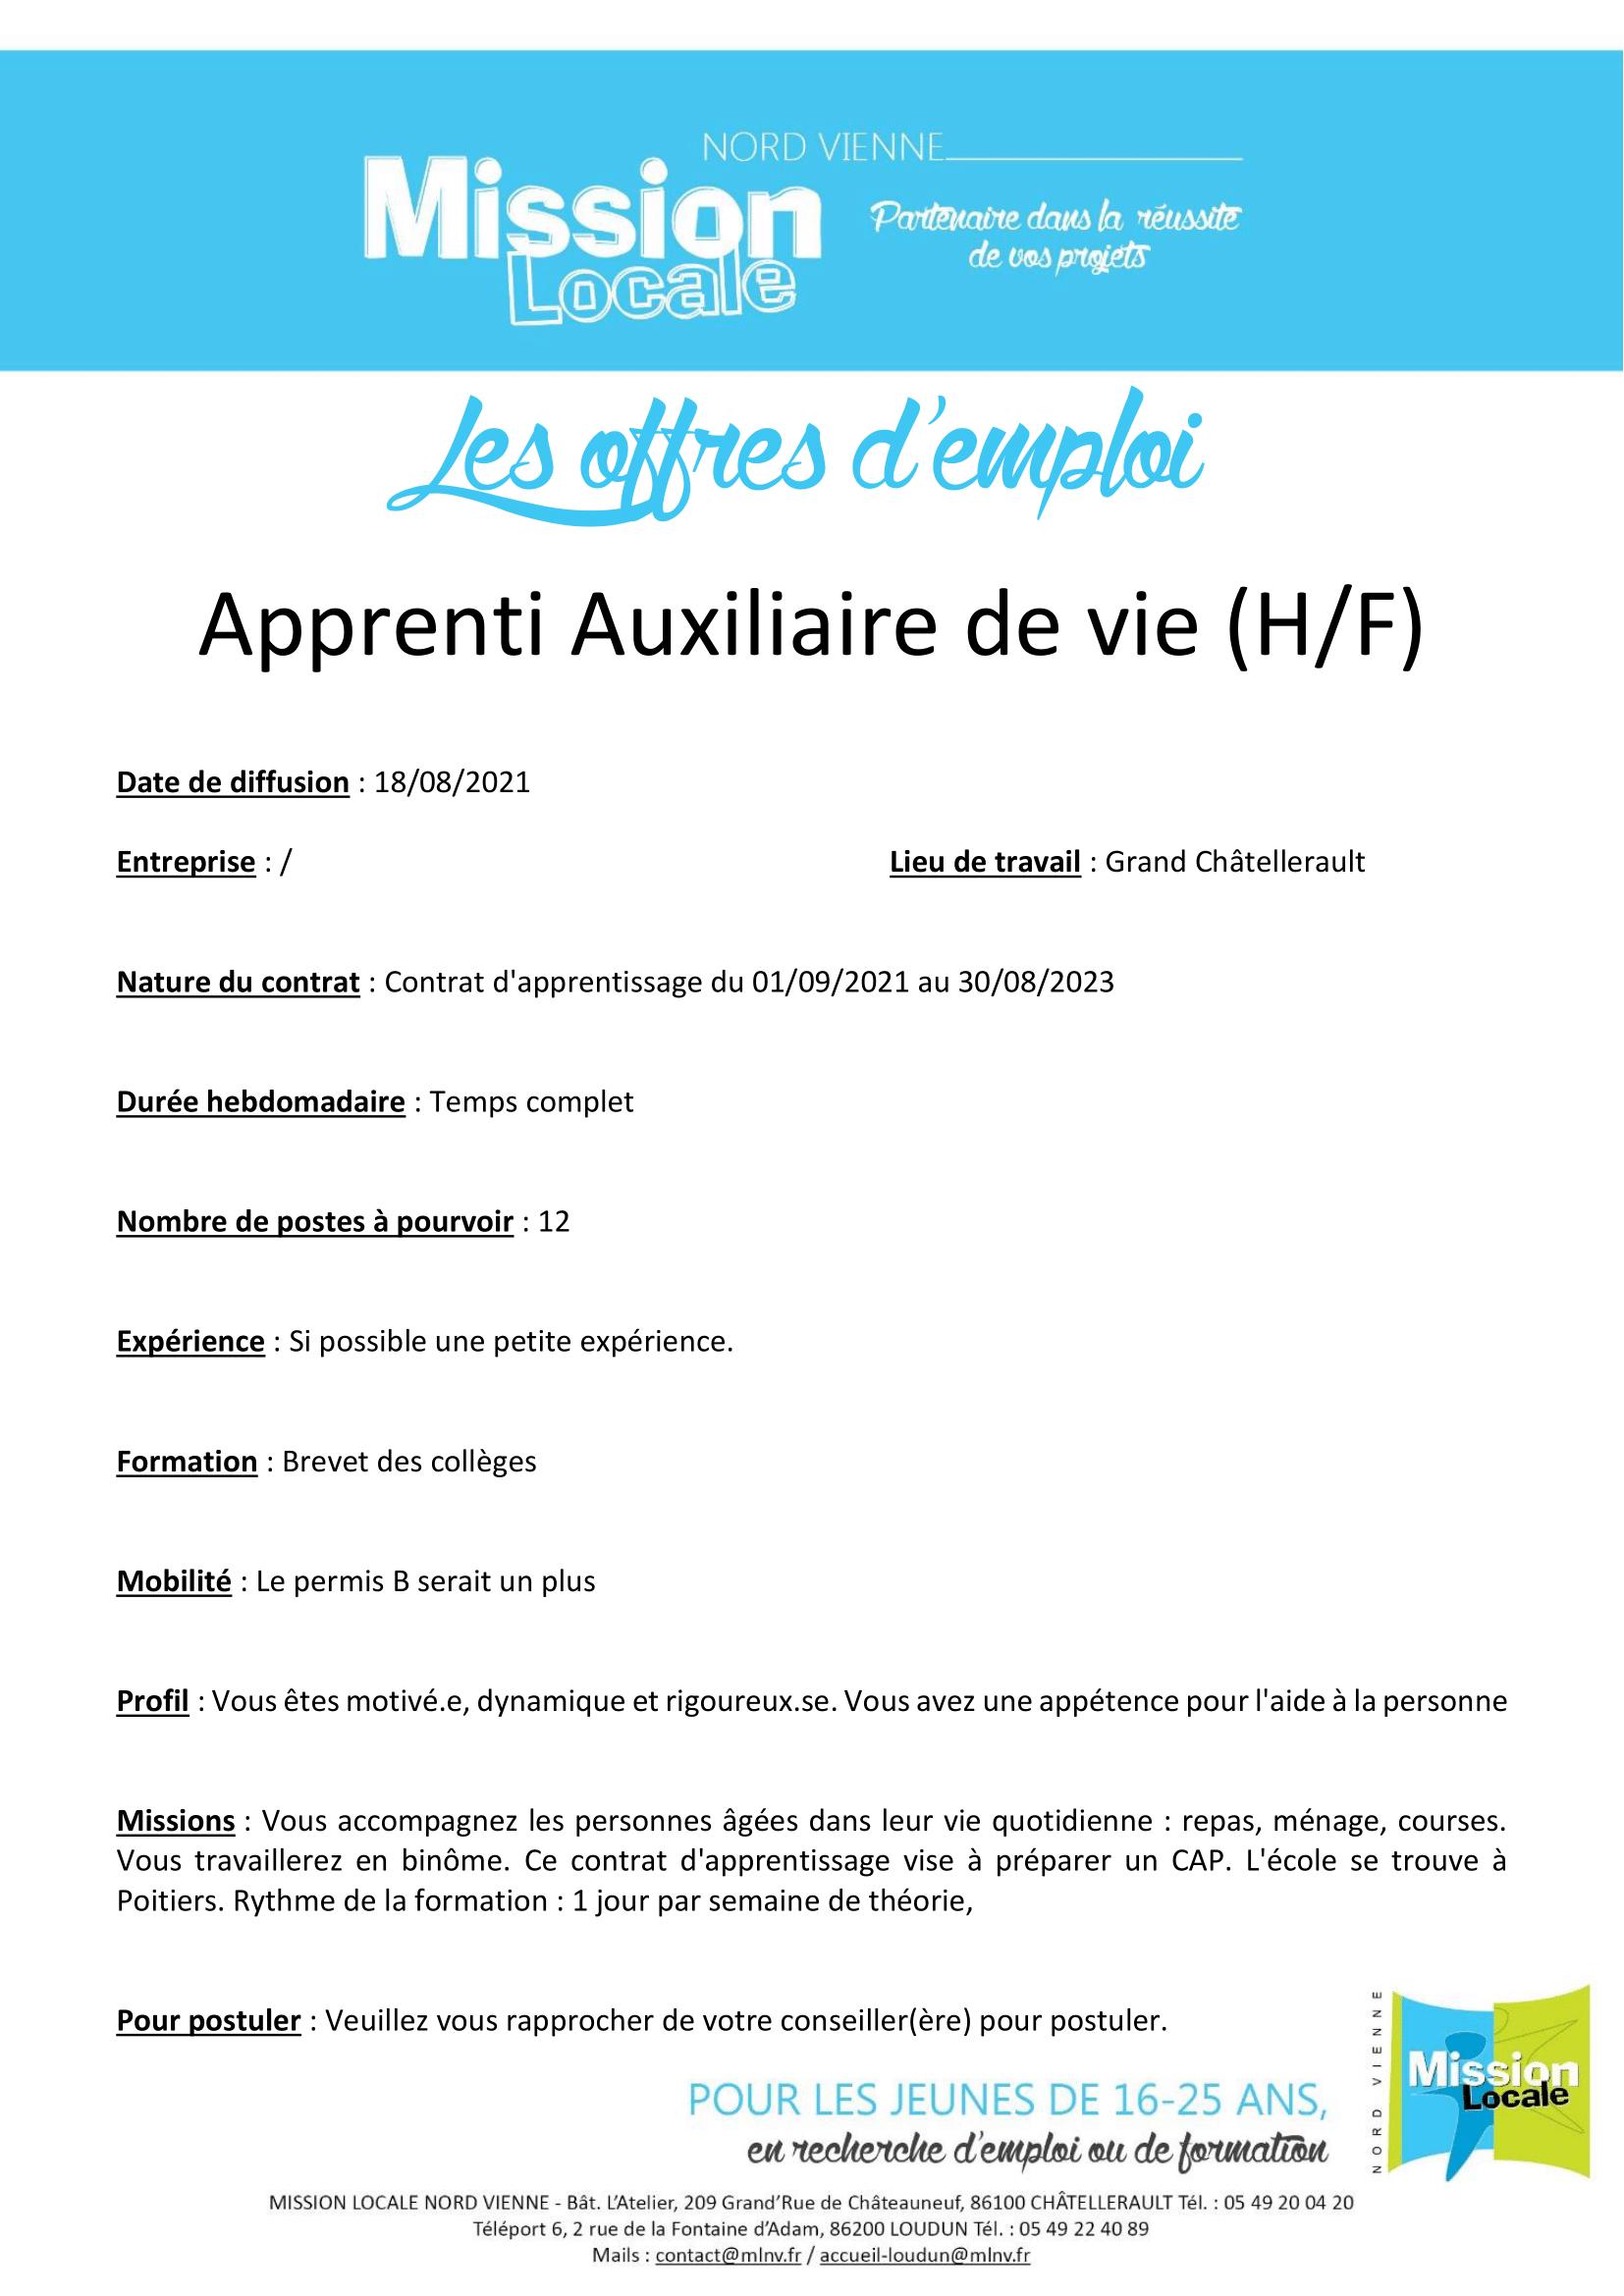 Apprenti Auxiliaire de vie (H/F)